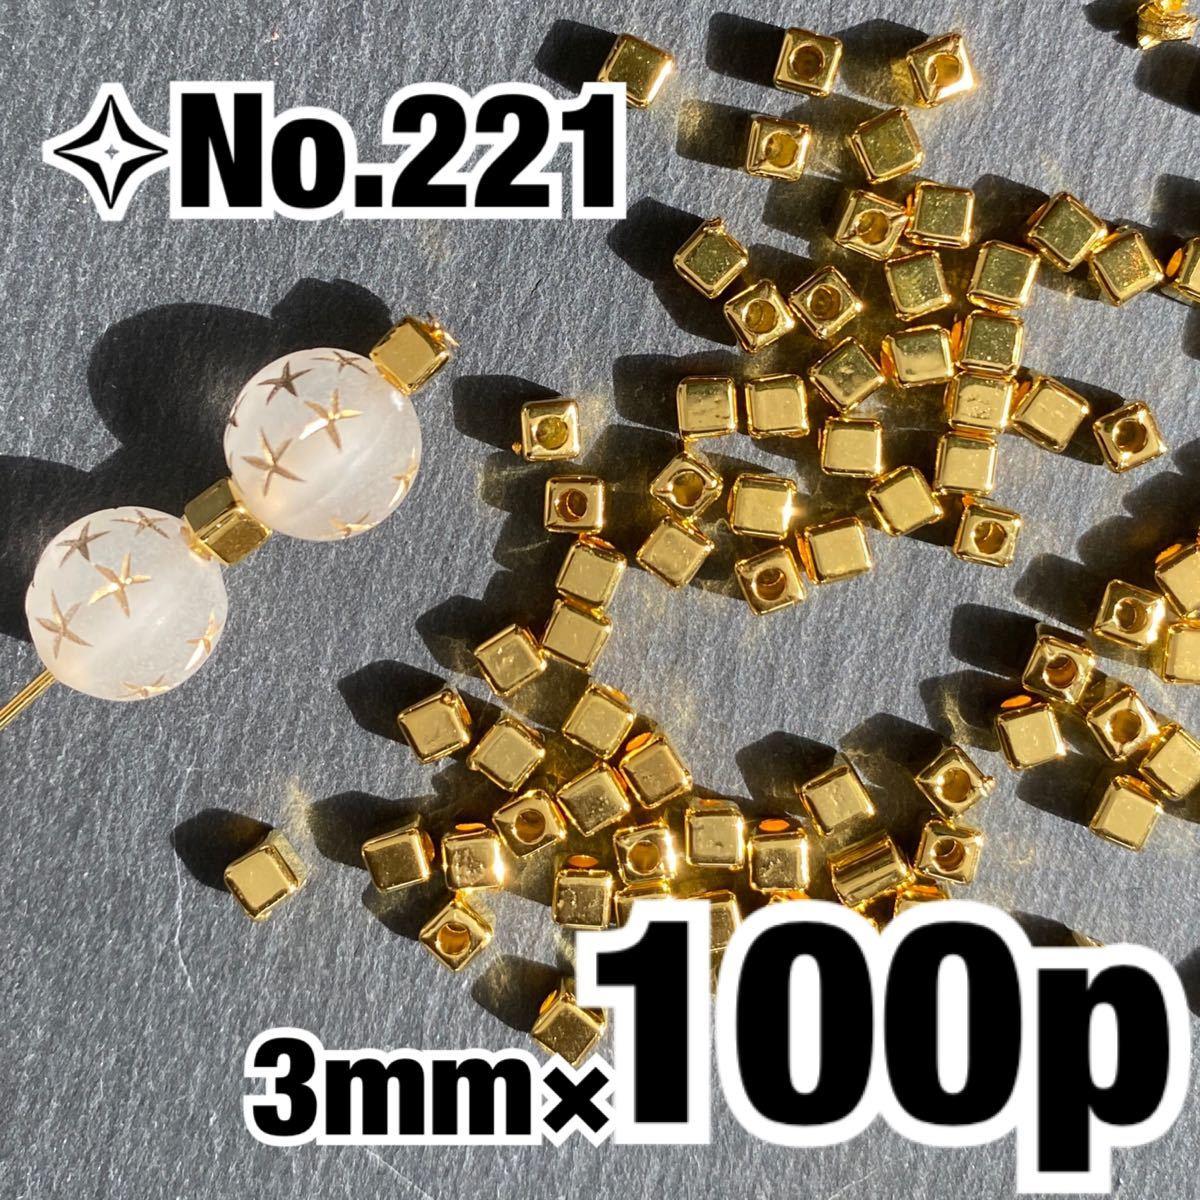 ハンドメイド基礎パーツビーズ スペーサー 極小ビーズ  キューブ型 ゴールド03